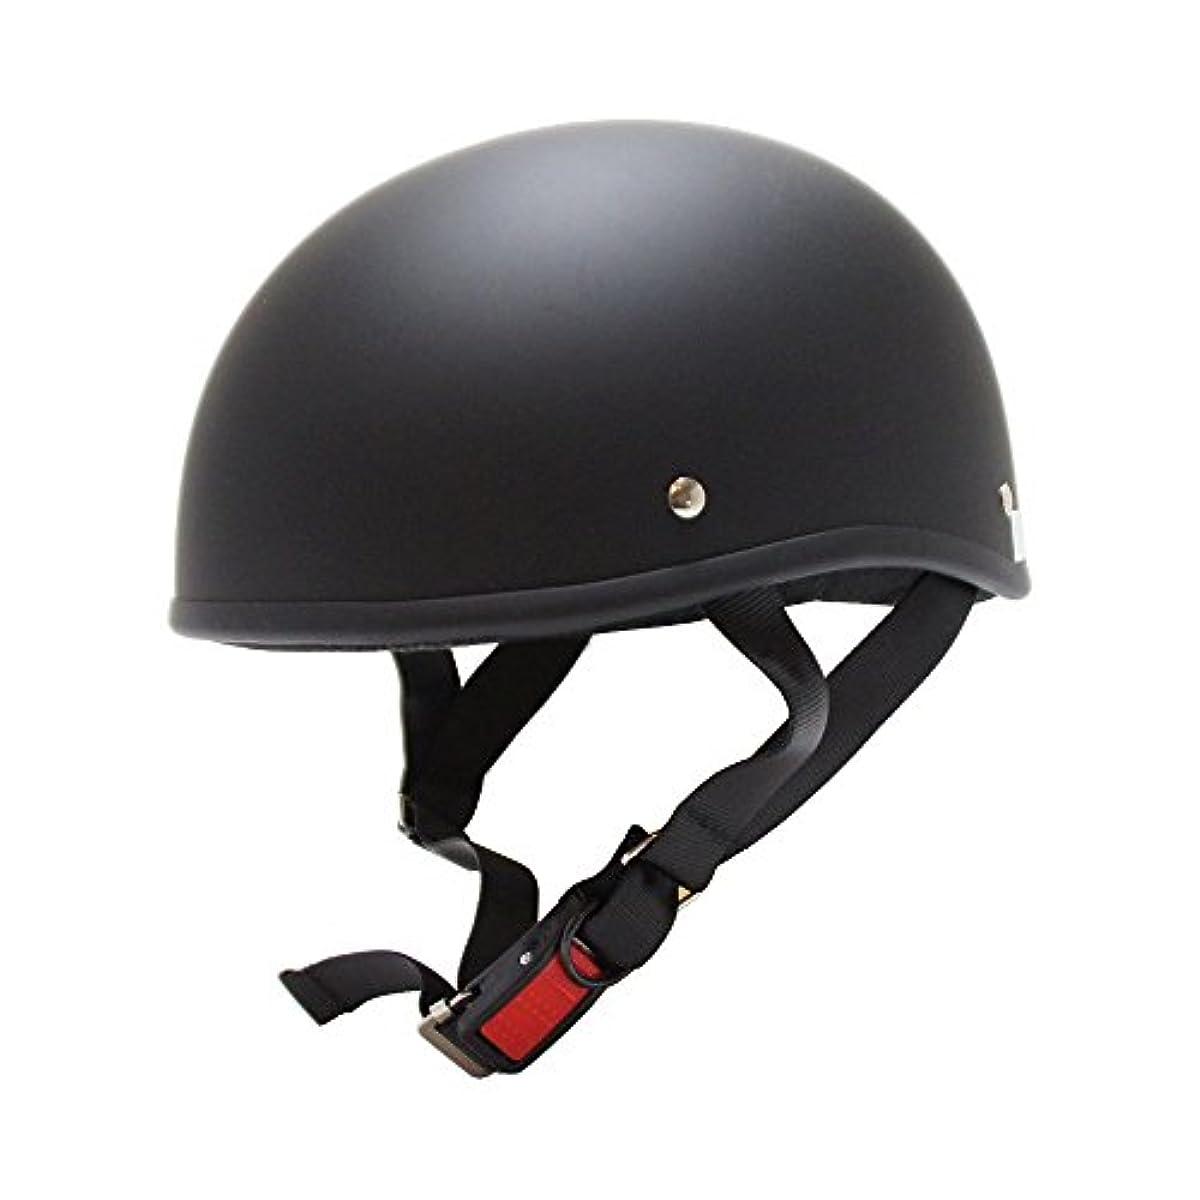 [해외] [B 앤드 B] 오토바이용 덕 테일 헬멧 SG마크 적합성피혁품 매트 블랙 프리 사이즈 BB-700